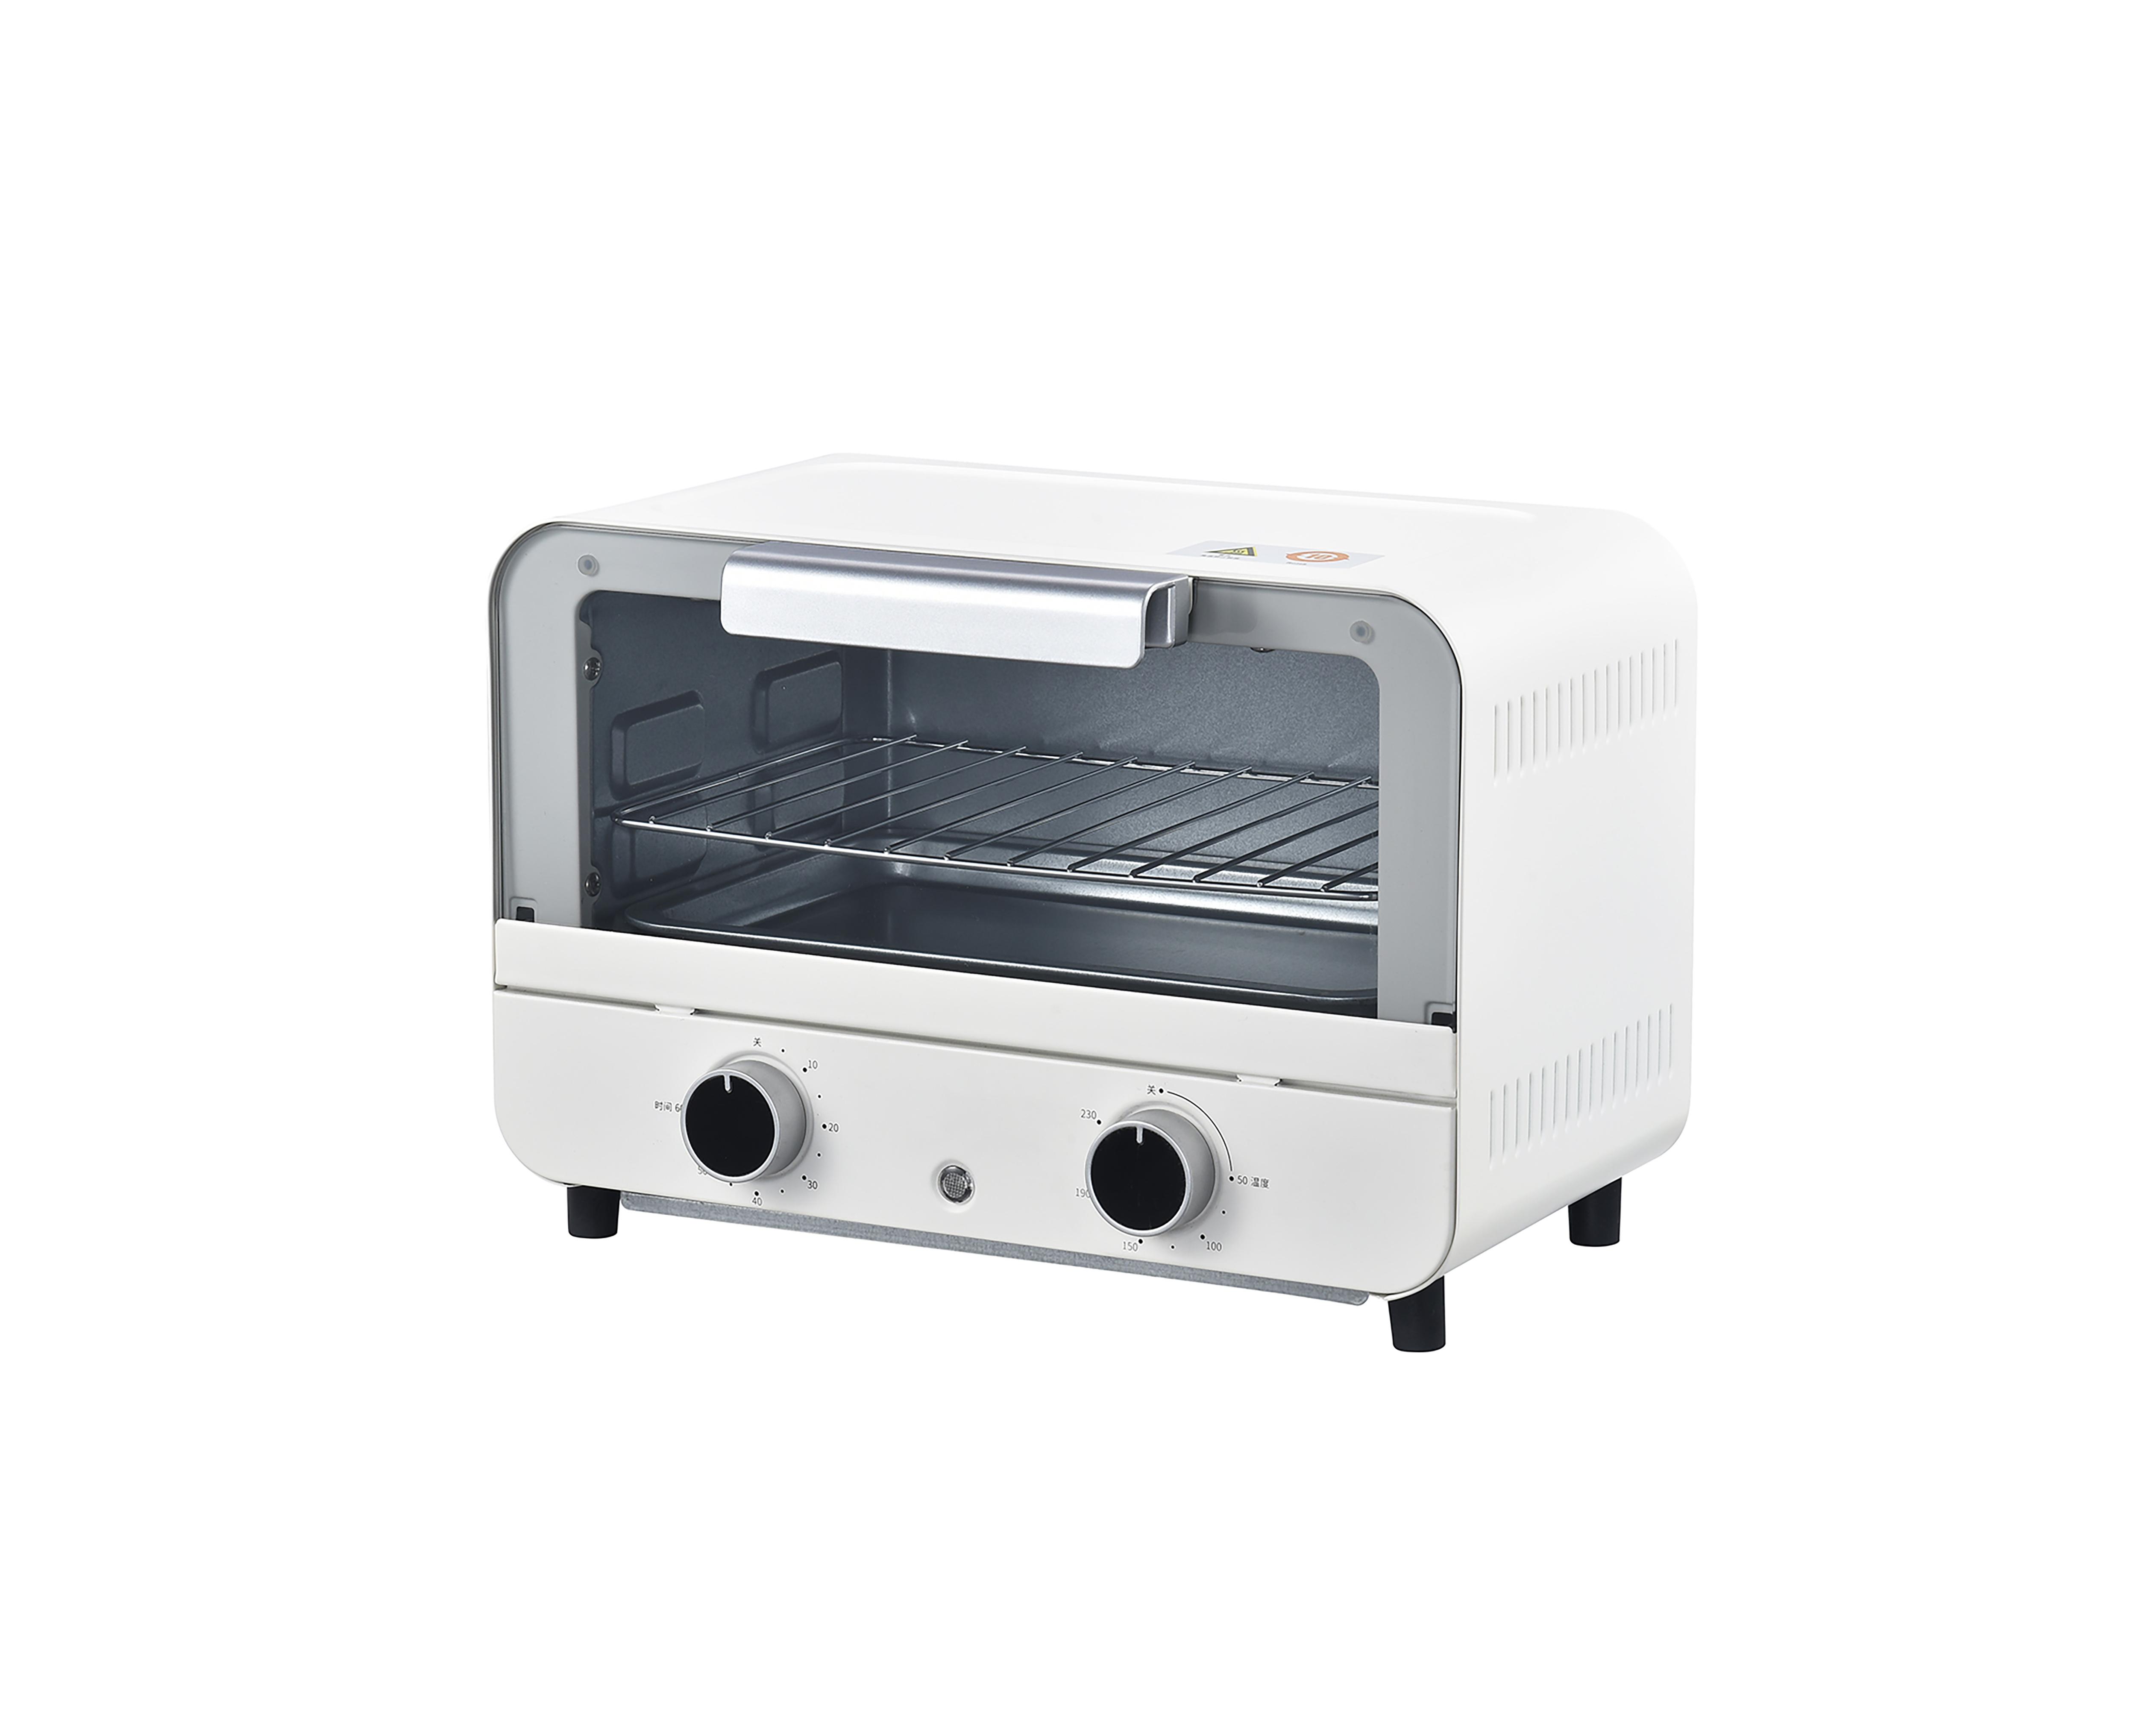 Электрический мини-тостер 12L 750 Вт мини-печь с модный внешний вид